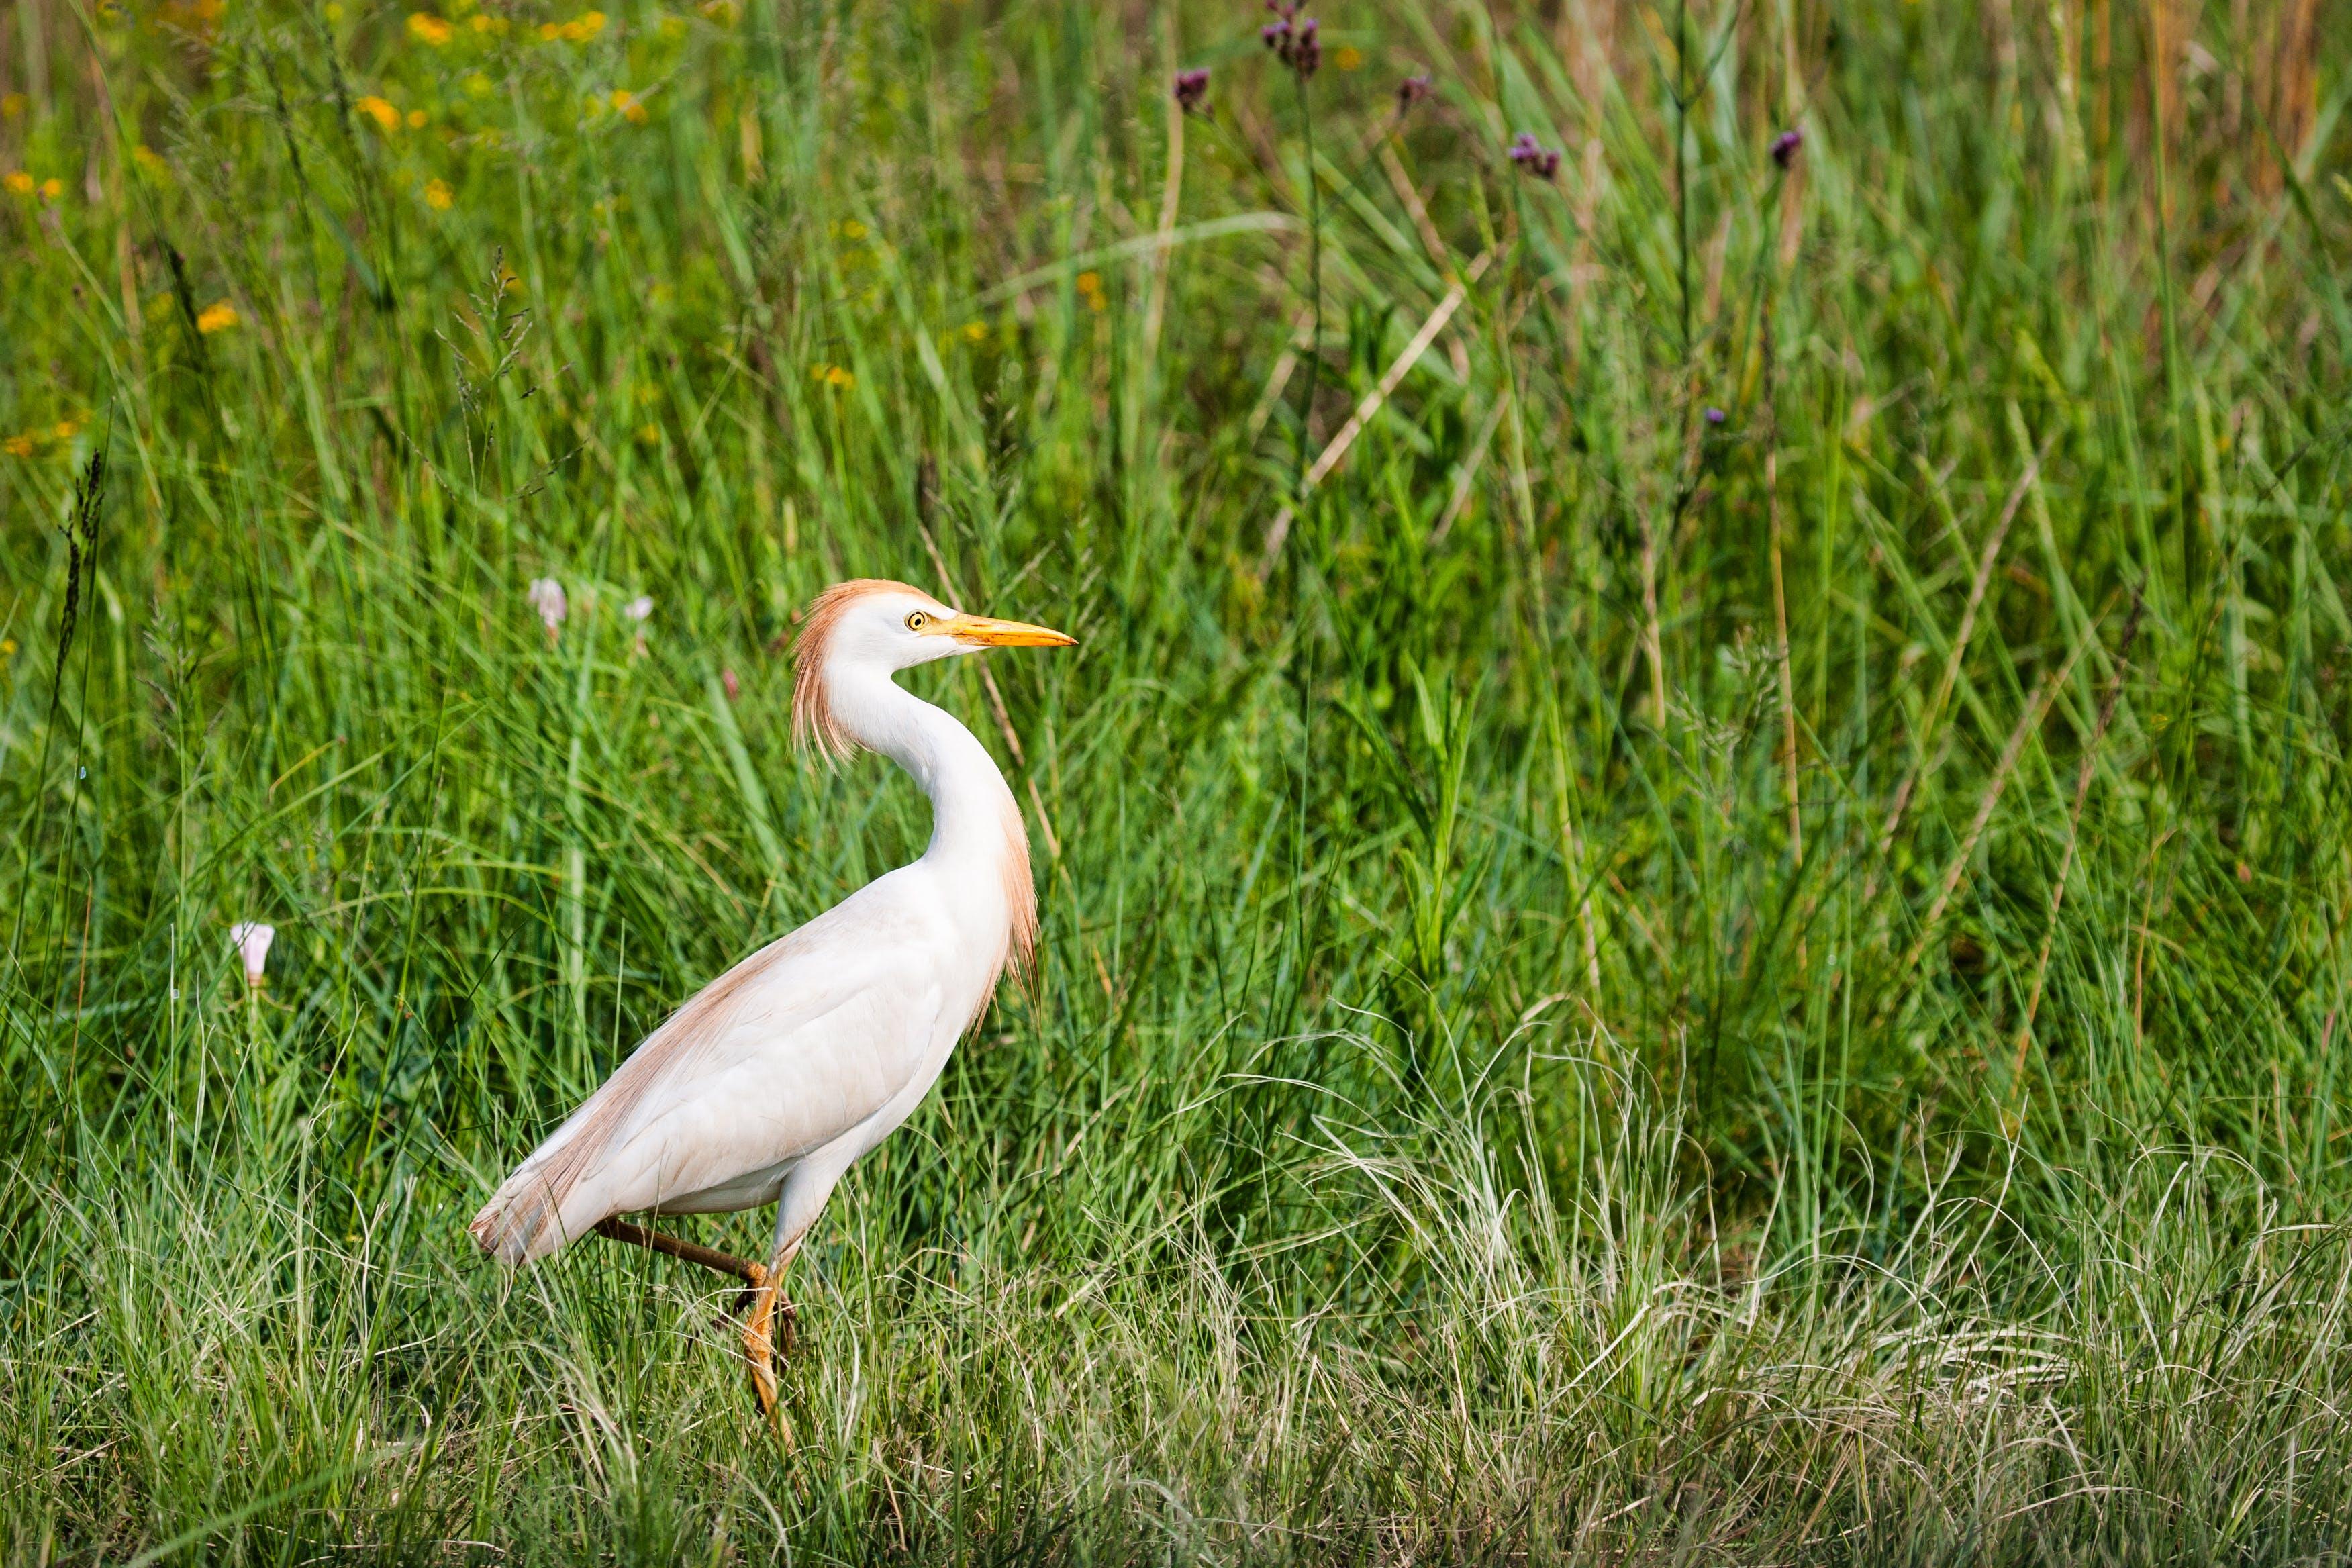 백로, 아름다운, 야생동물, 잔디의 무료 스톡 사진